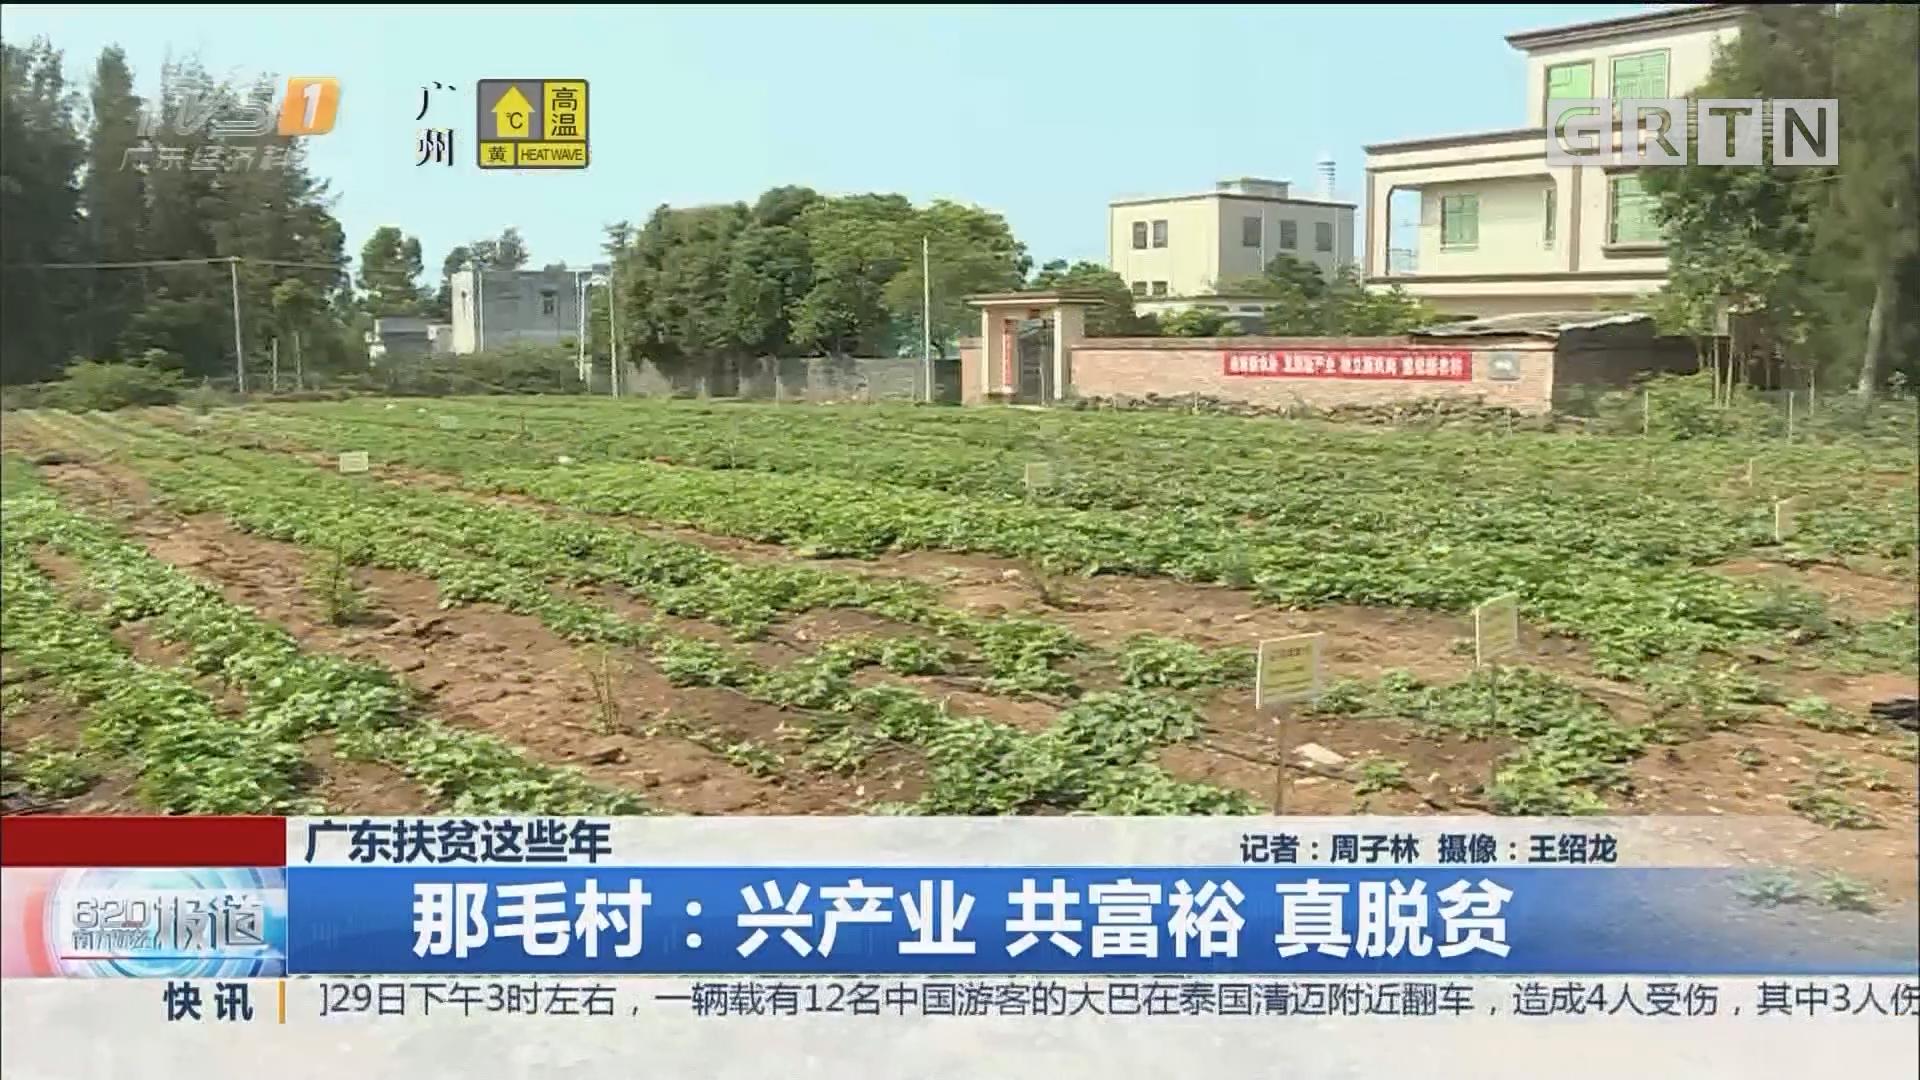 广东扶贫这些年 那毛村:兴产业 共富裕 真脱贫